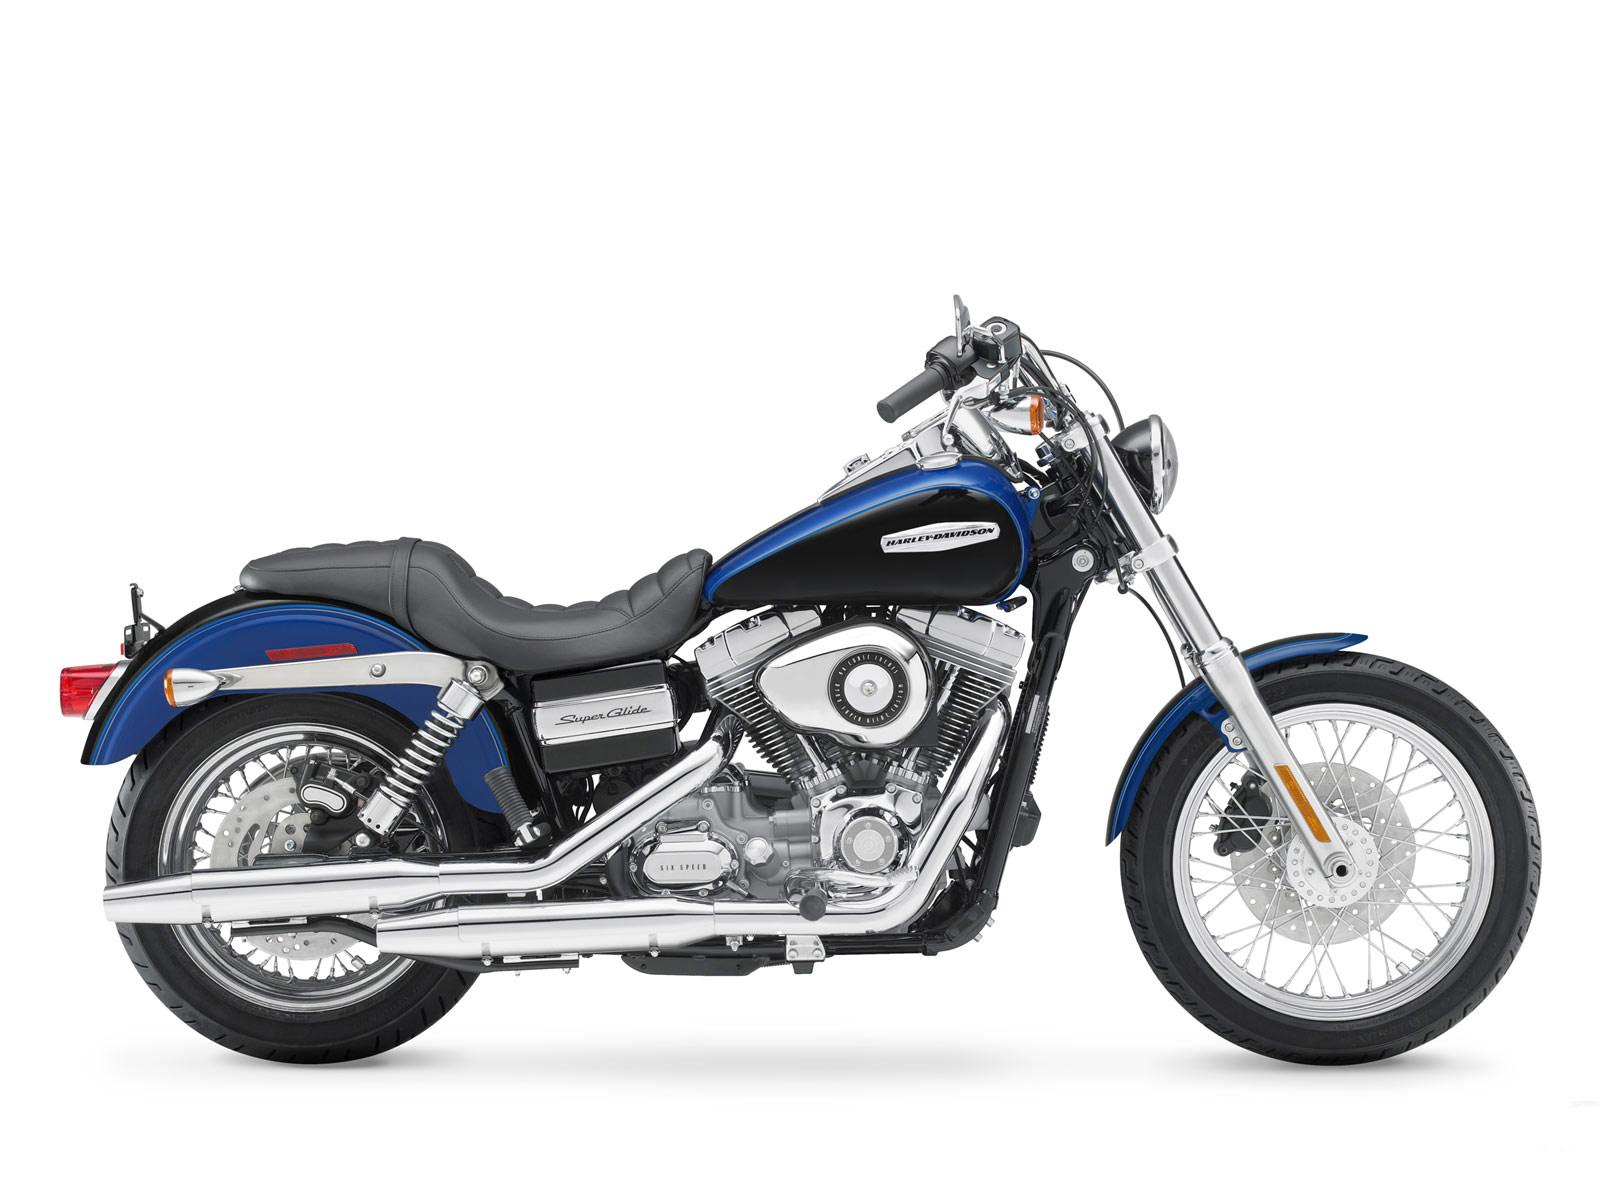 Fxdc Dyna Super Glide Custom 2008 Harley Davidson Pictures